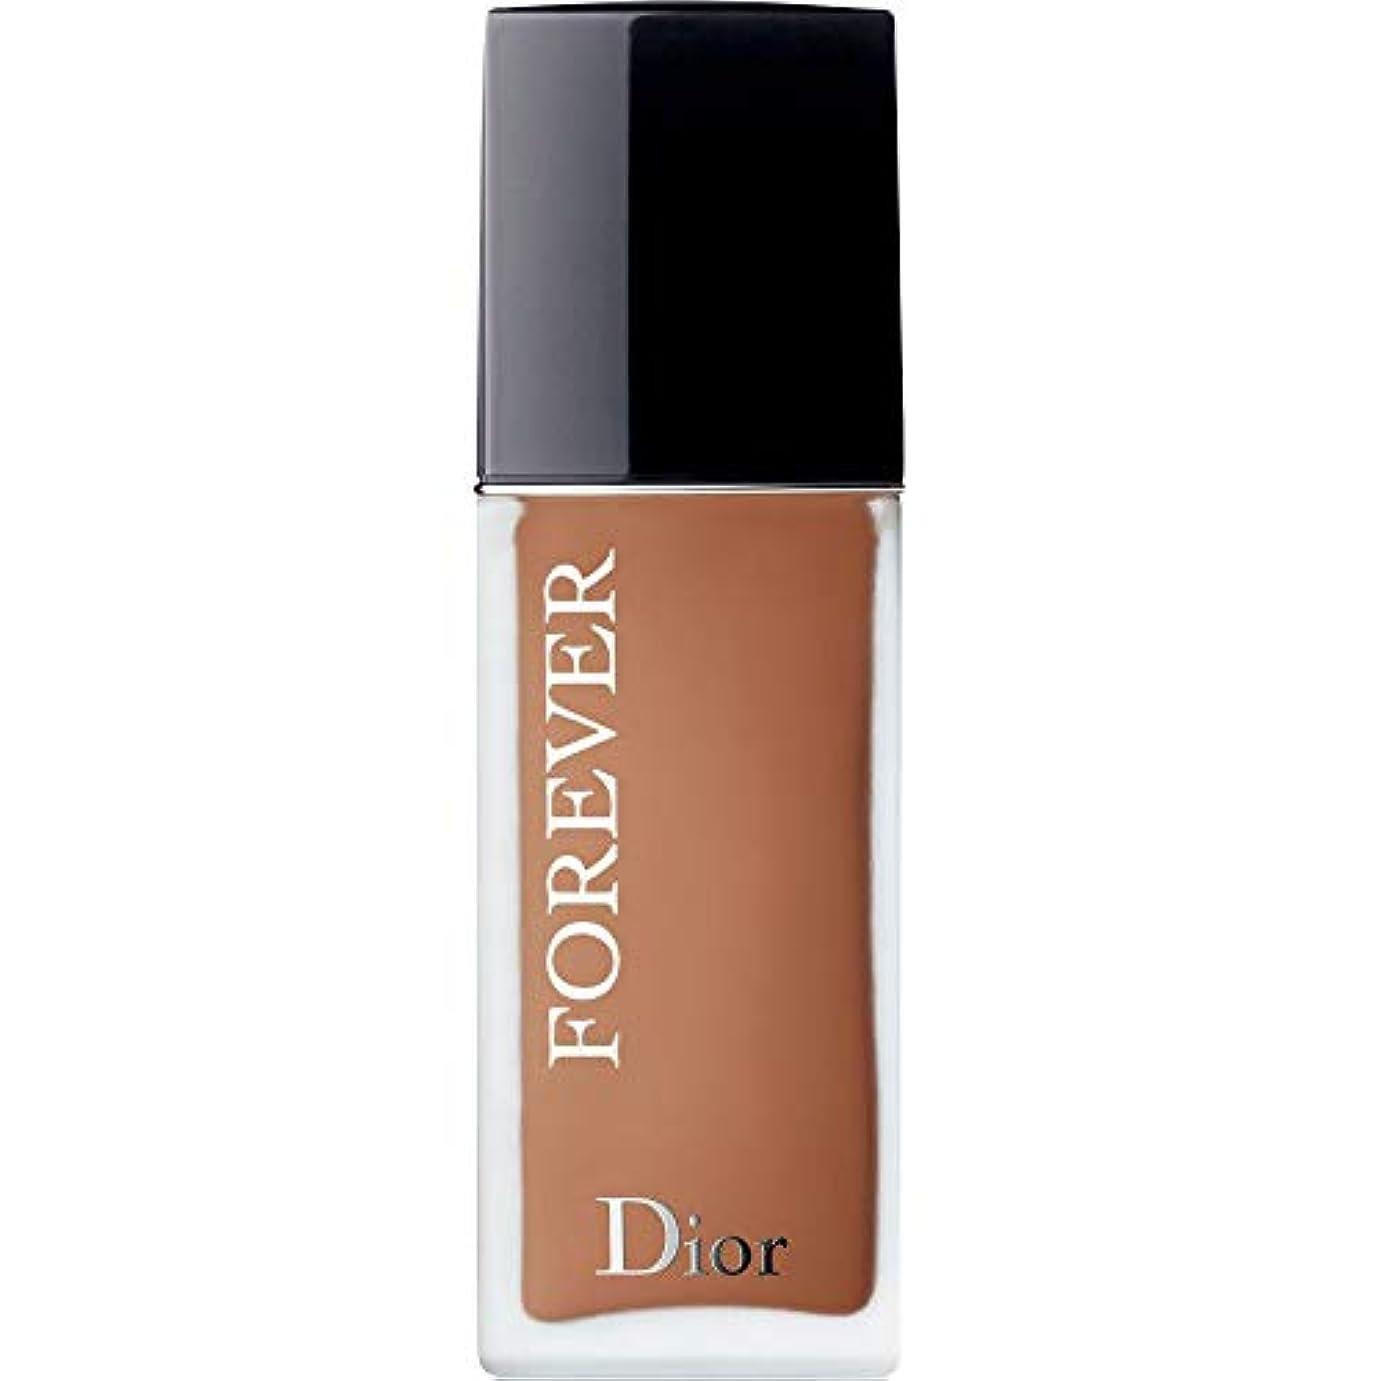 ビル上院議員実質的[Dior ] ディオール永遠皮膚思いやりの基盤Spf35 30ミリリットルの5N - ニュートラル(つや消し) - DIOR Forever Skin-Caring Foundation SPF35 30ml 5N -...